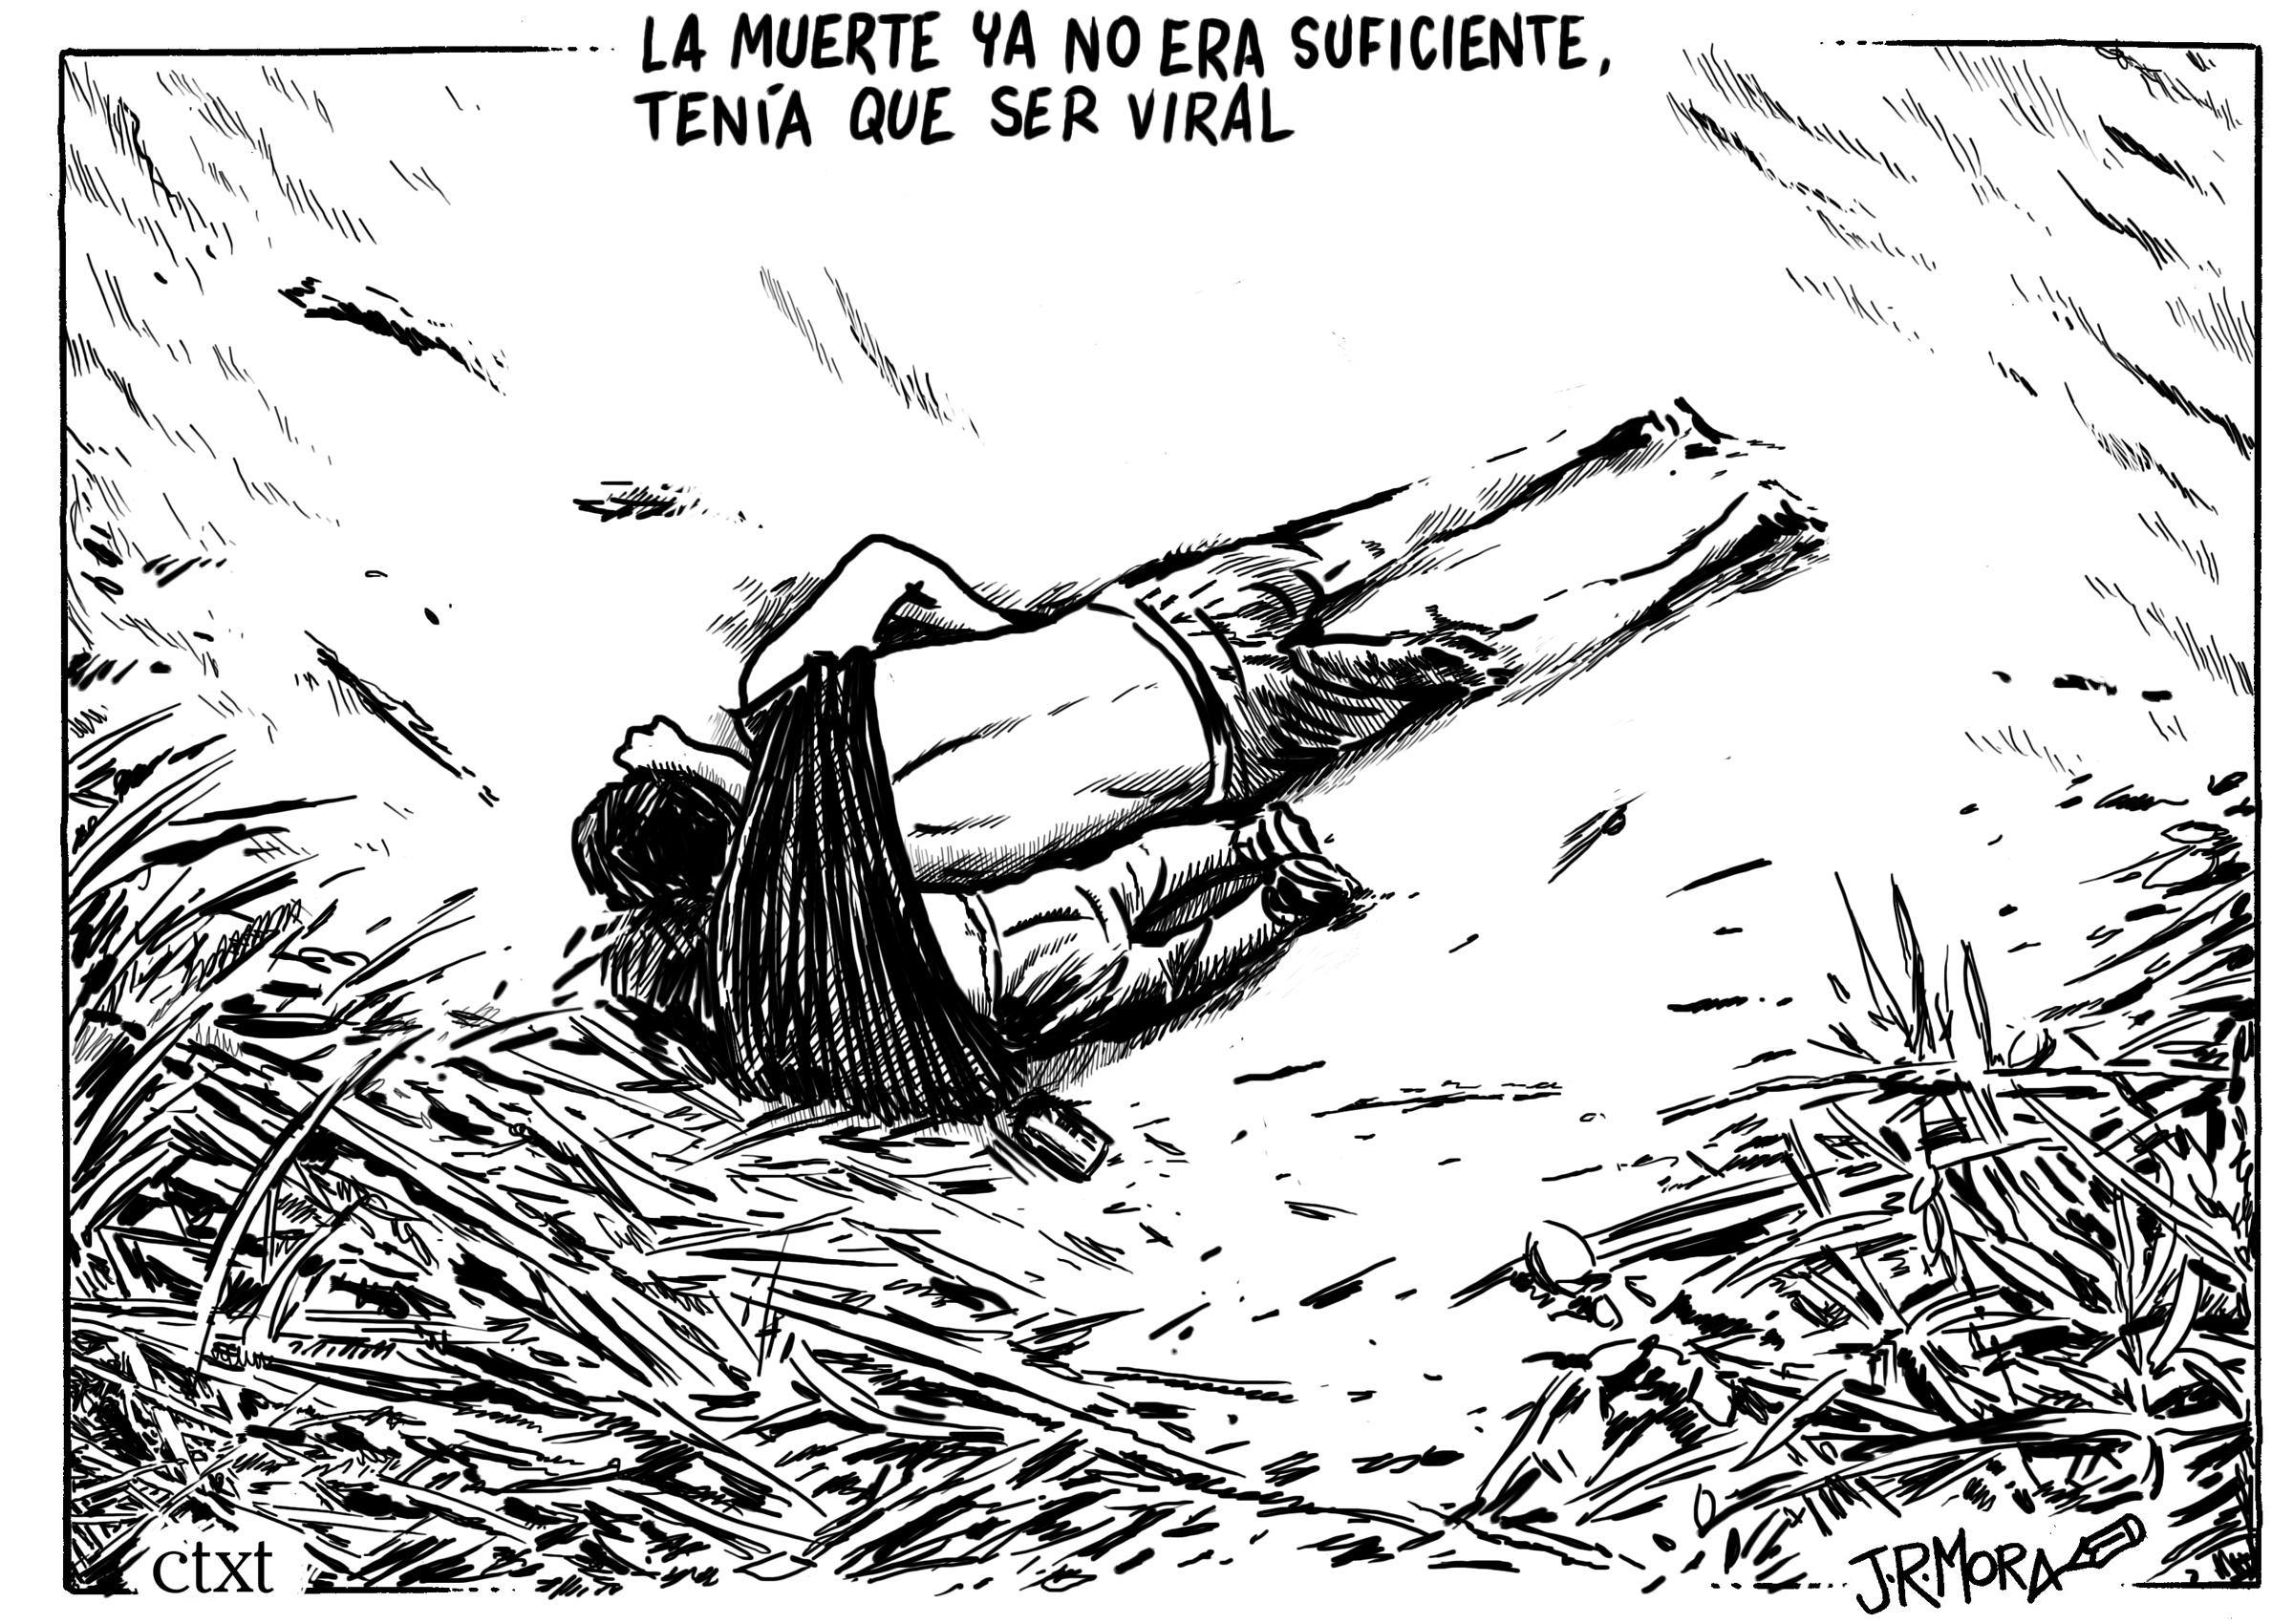 <p>Valeria y su padre, migrantes salvadoreños, muertos en el río Bravo.</p>